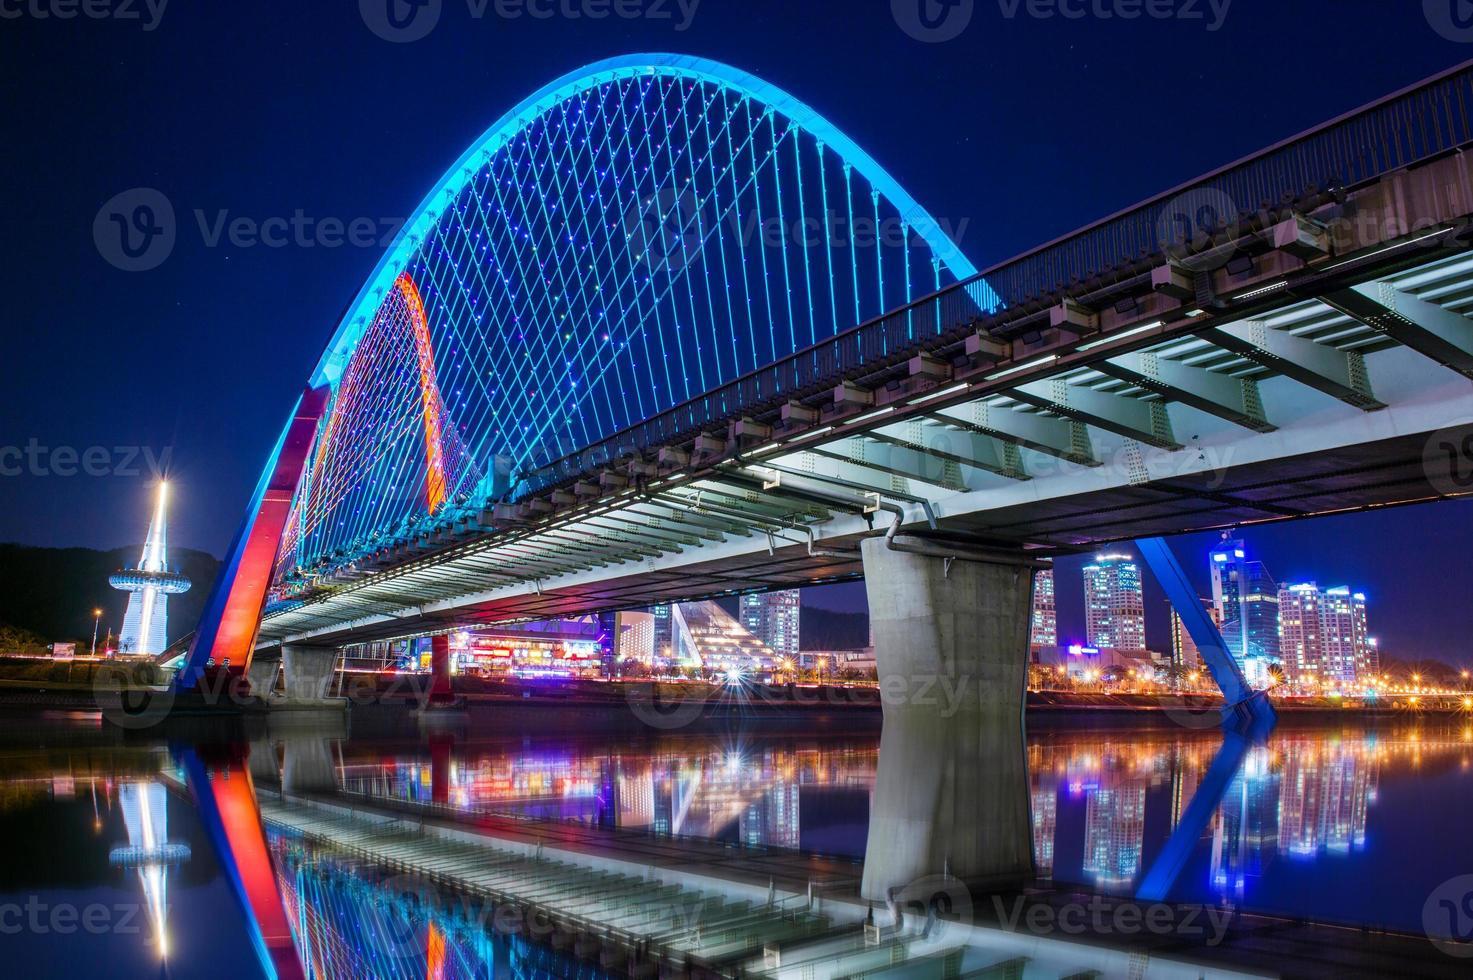 Expro bridge at night in daejeon, photo